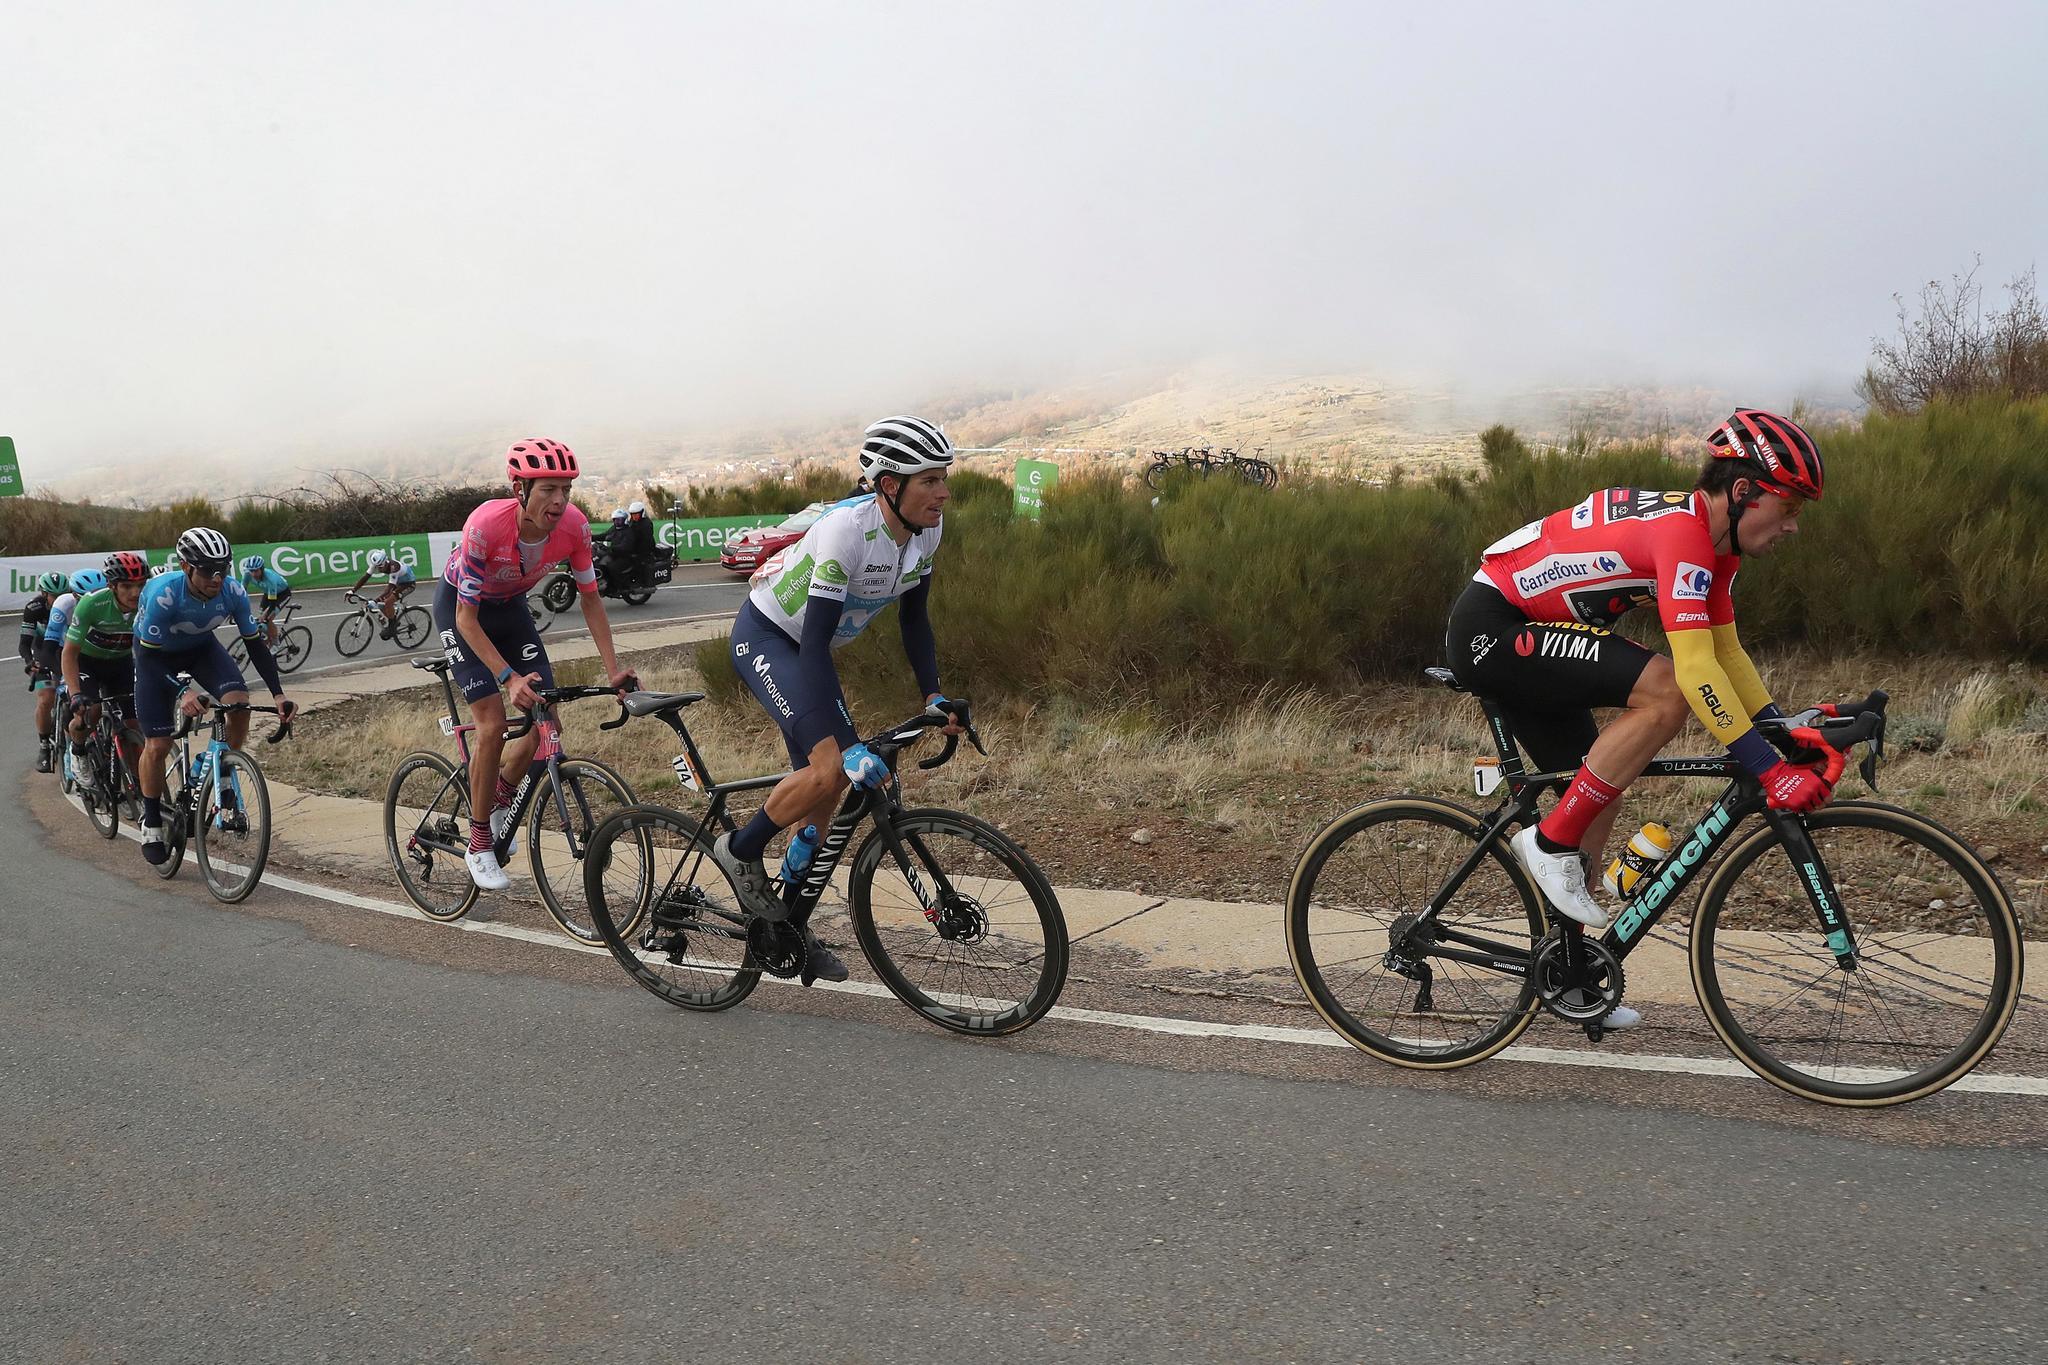 ALTO DE LA COVATILLA, 07/11/2020.-El corredor esloveno del equipo JUMBO-VISMA Primoz lt;HIT gt;Roglic lt;/HIT gt; (d), durante el ascenso al Alto de la Covatilla, en la etapa 17ª, que ha transcurrido este sábado entre Sequeros y el Alto de la Covatilla, de 178,2 kilómetros de recorrido. EFE/ Kiko Huesca